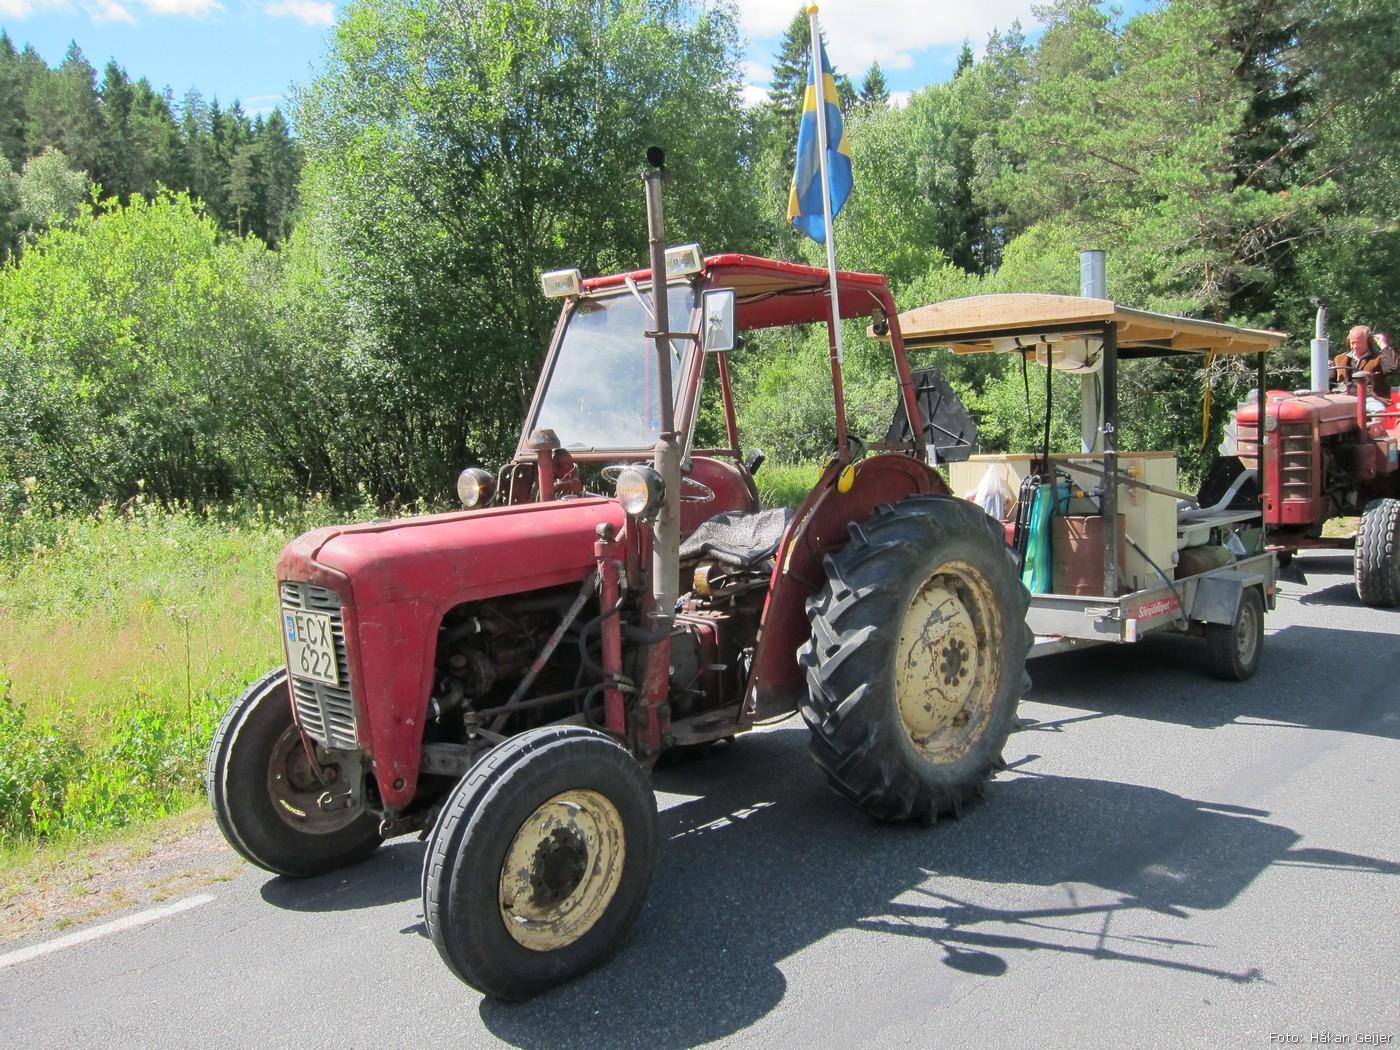 2013-07-20_042_Traktorresa